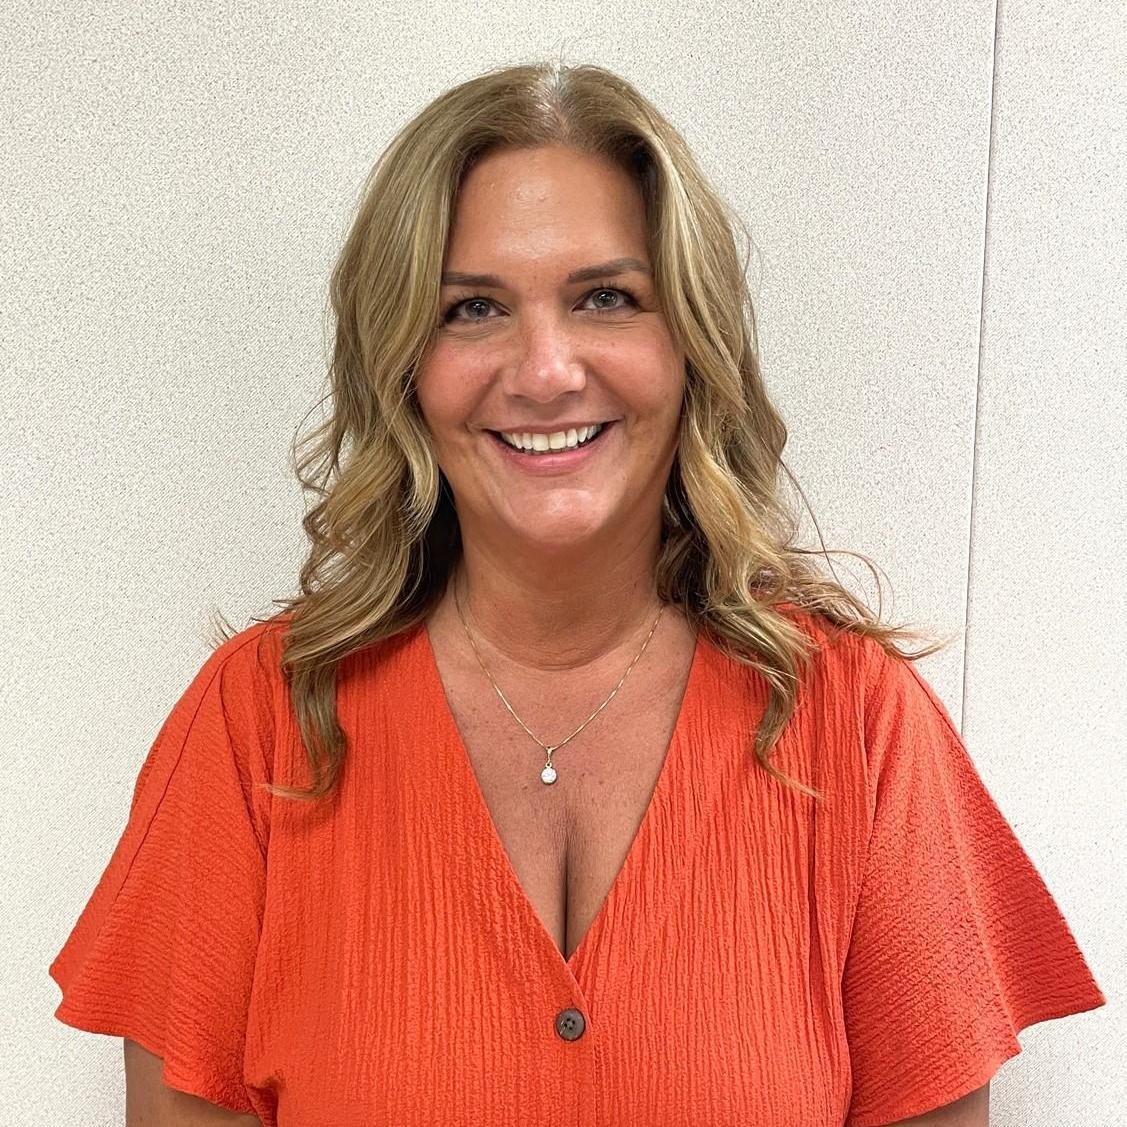 Heidi Deeringhoff's Profile Photo